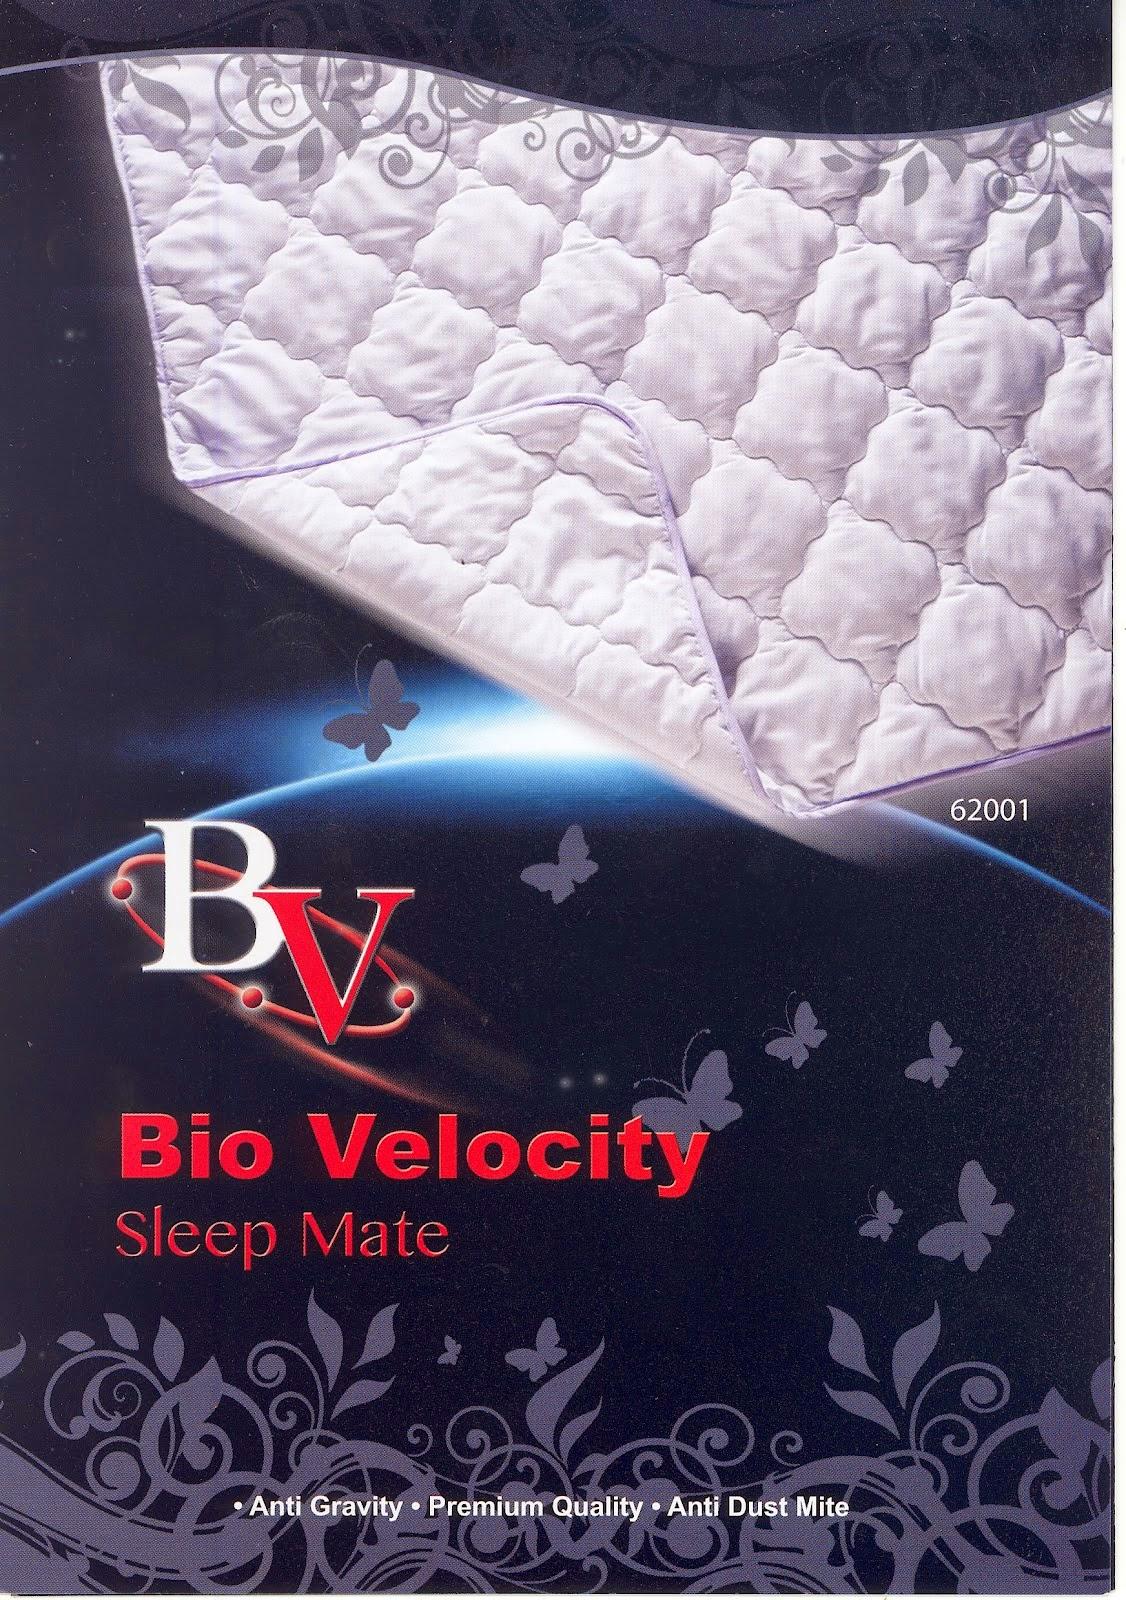 Bio velocity sleep mate